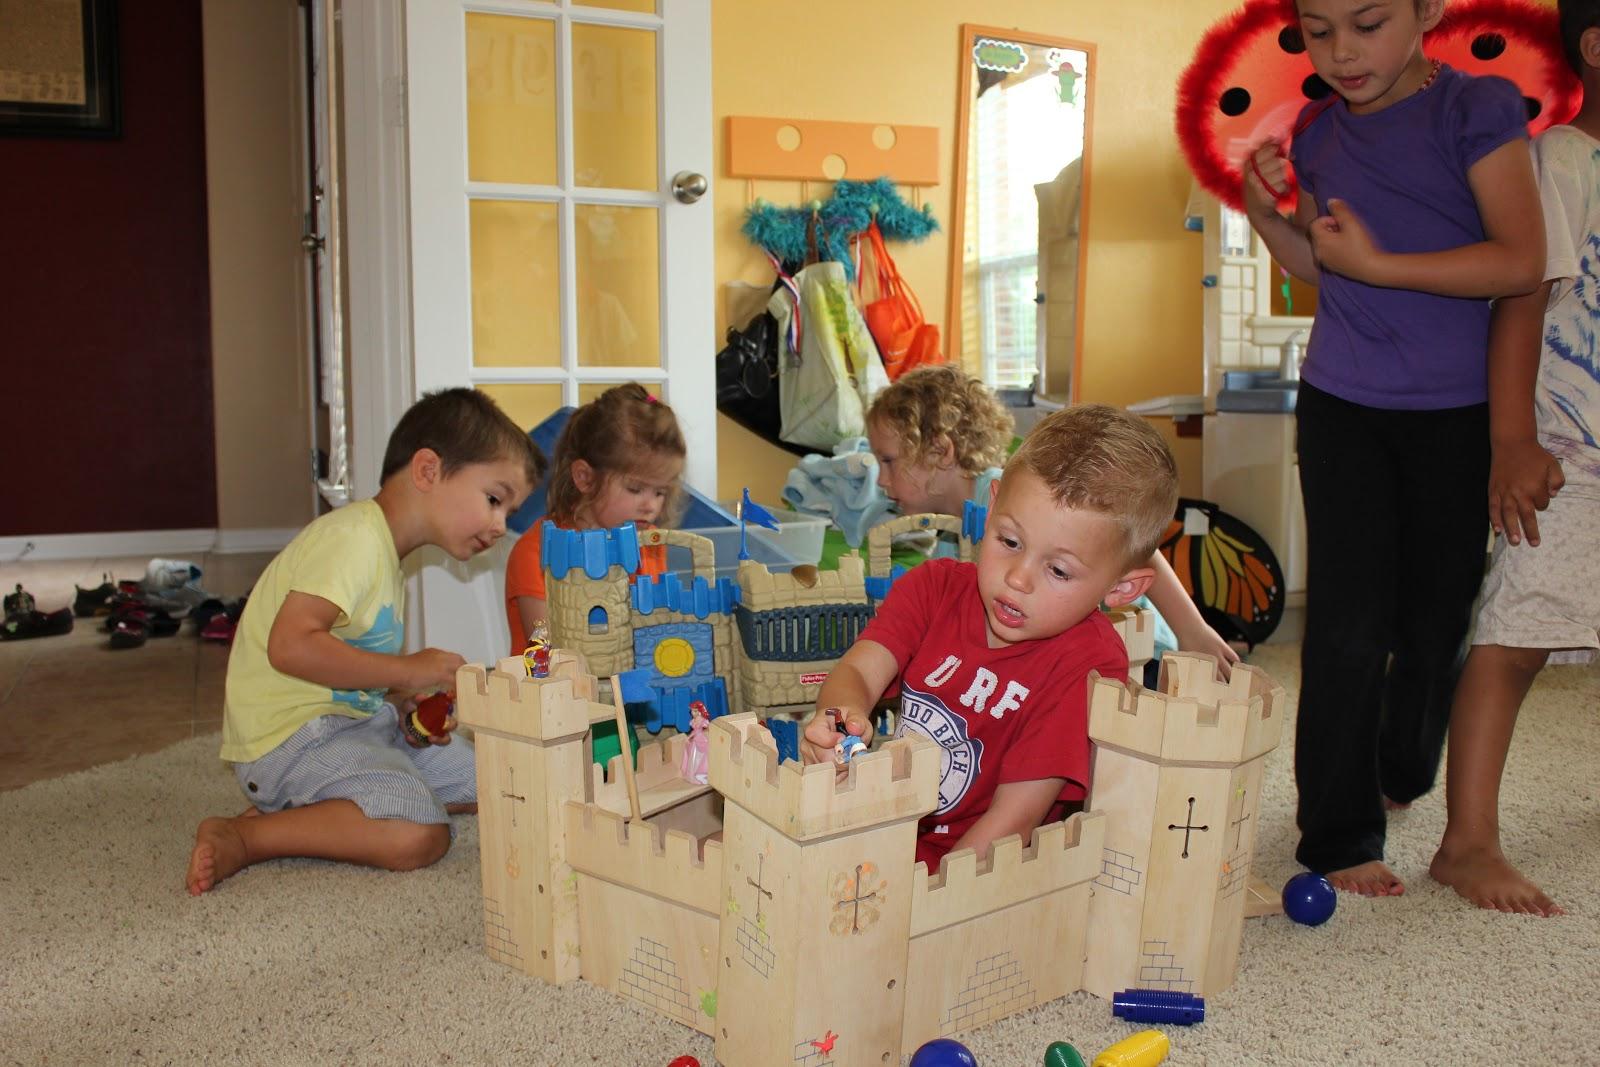 preschool queens ny butterflies amp bullfrogs preschool castles 137